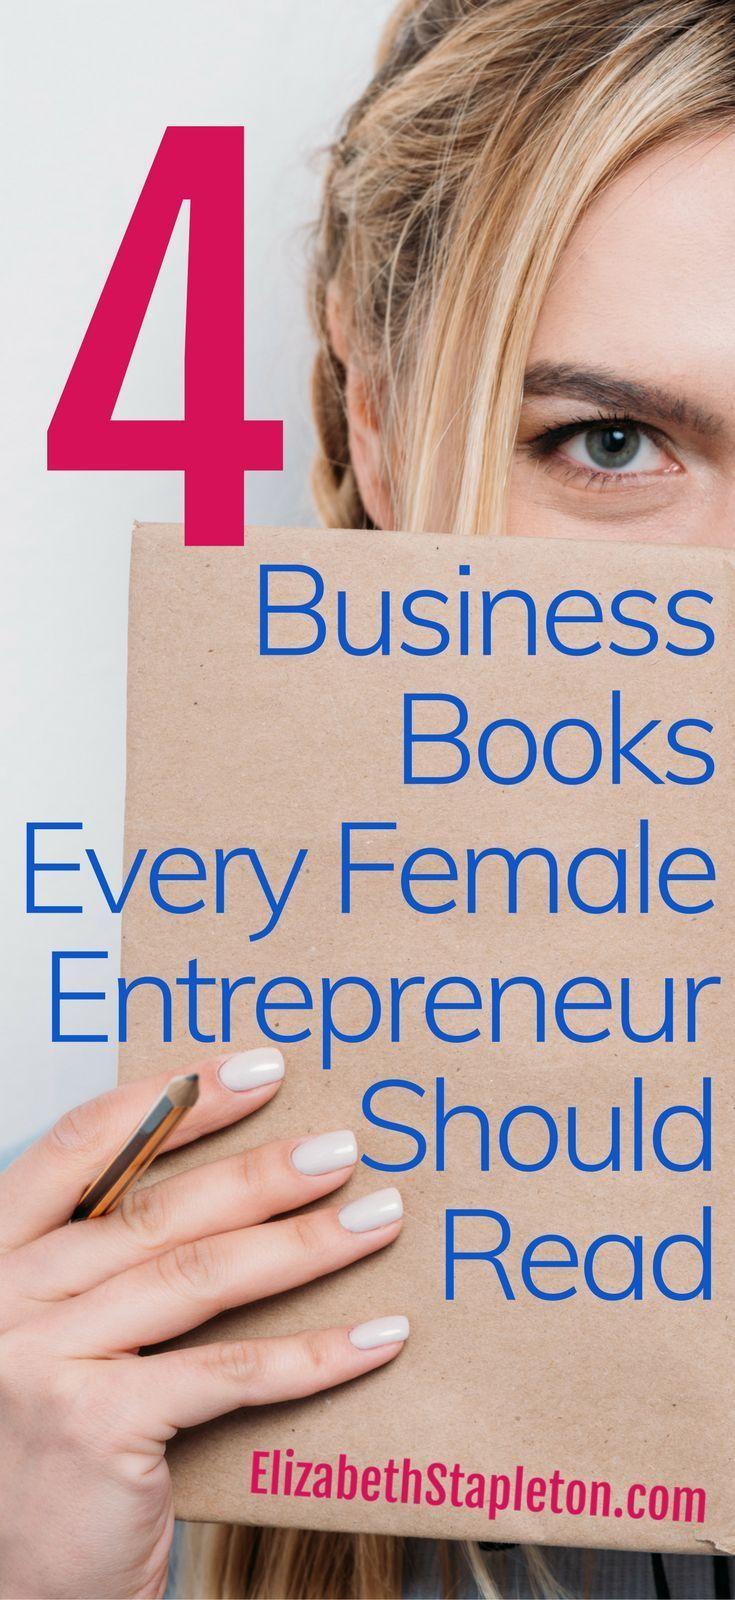 4 #Business Books Every Female #Entrepreneur Should Read // Elizabeth Stapleton